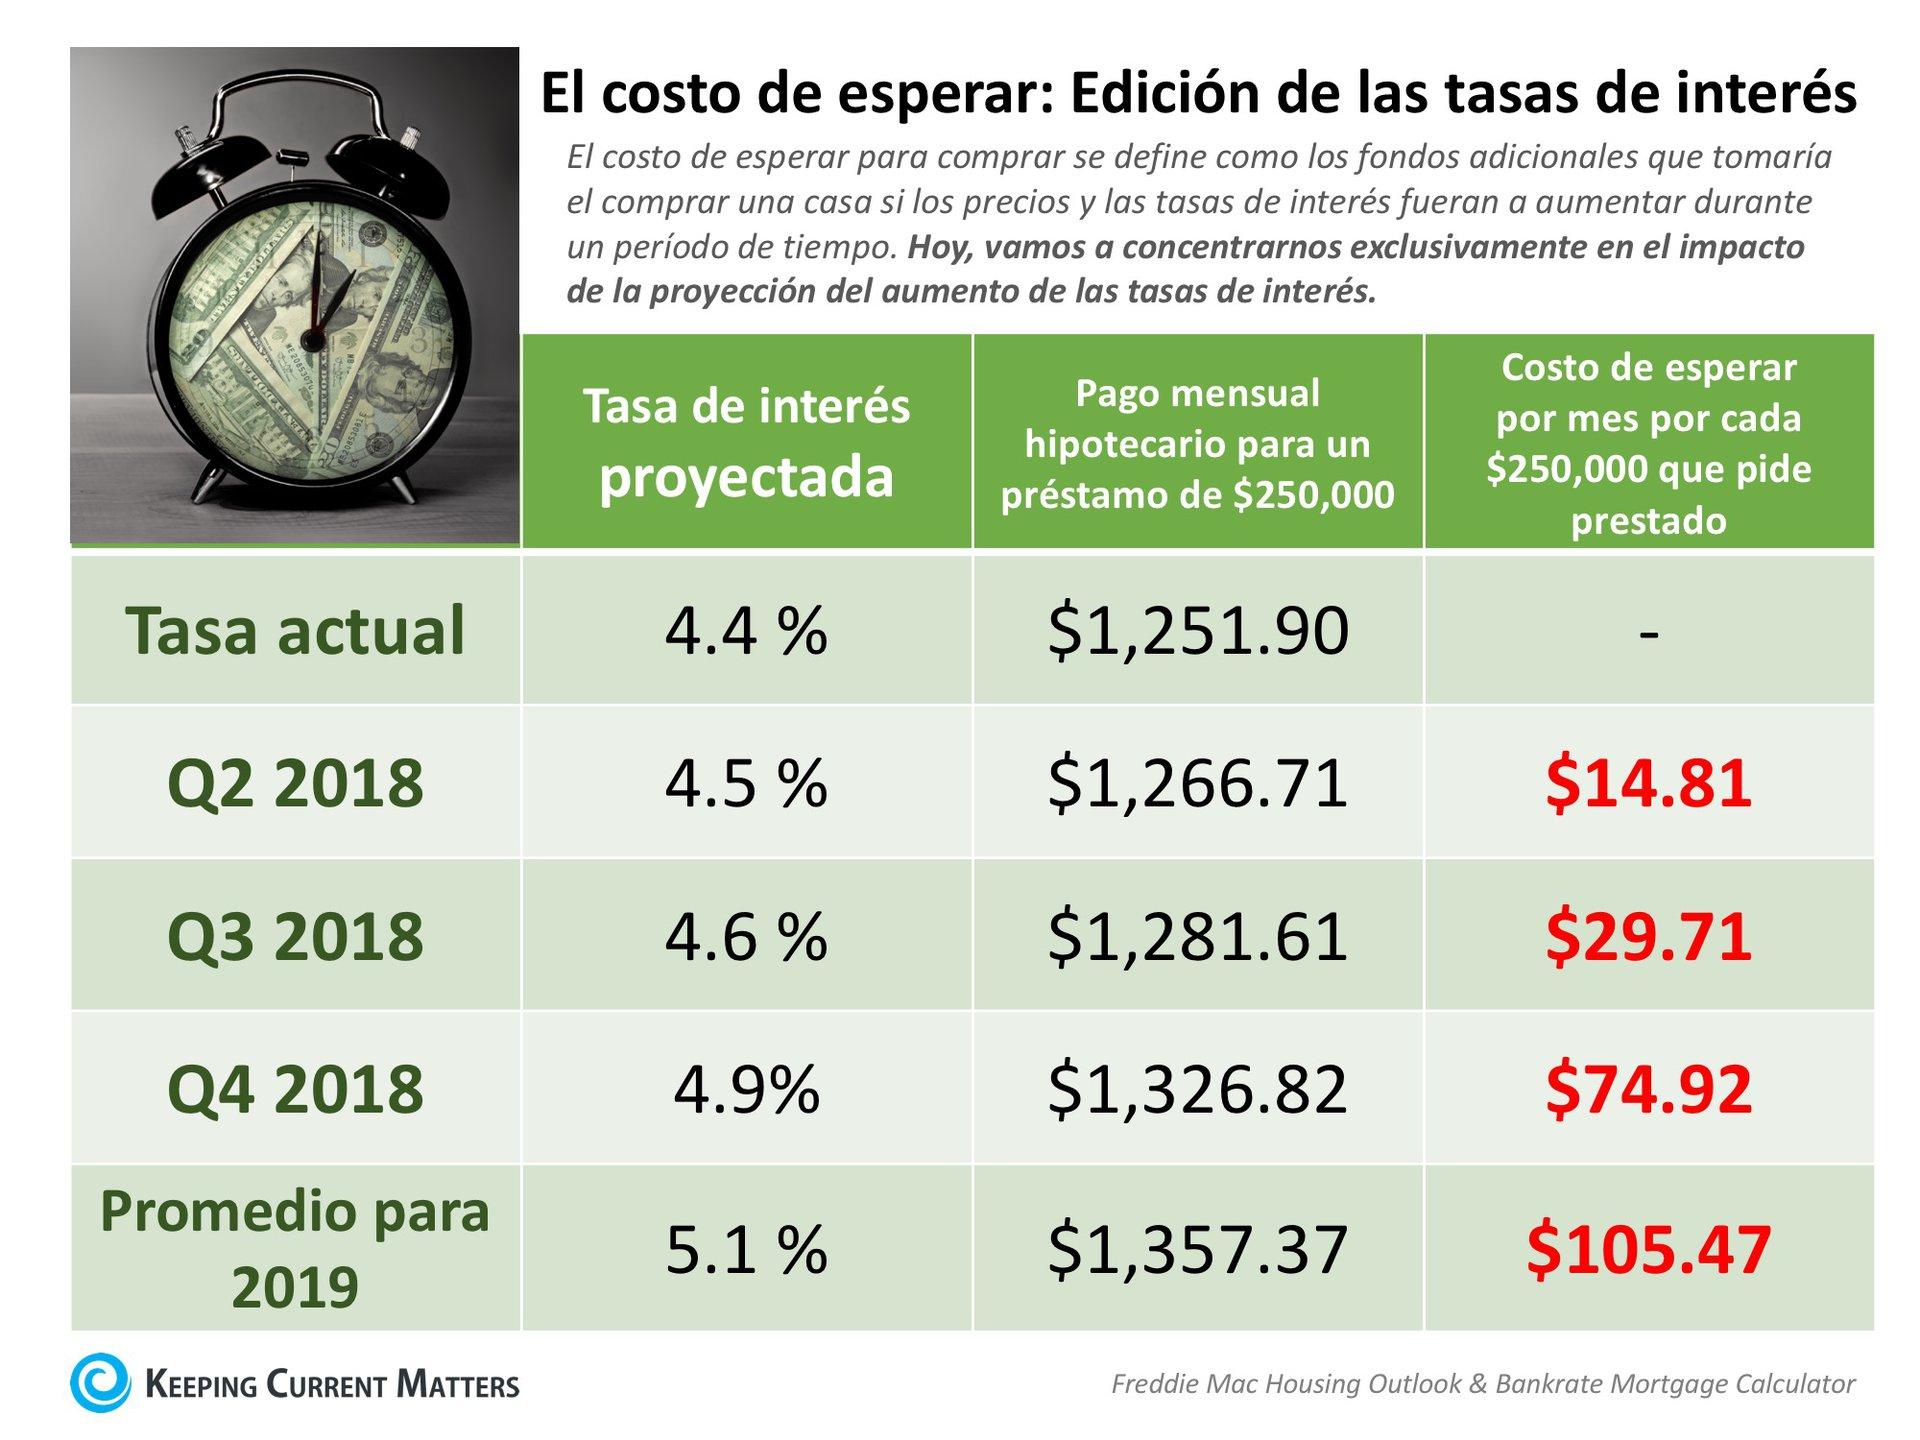 El costo de esperar: Edición de las tasas de interés [Infografía] | Keeping Current Matters